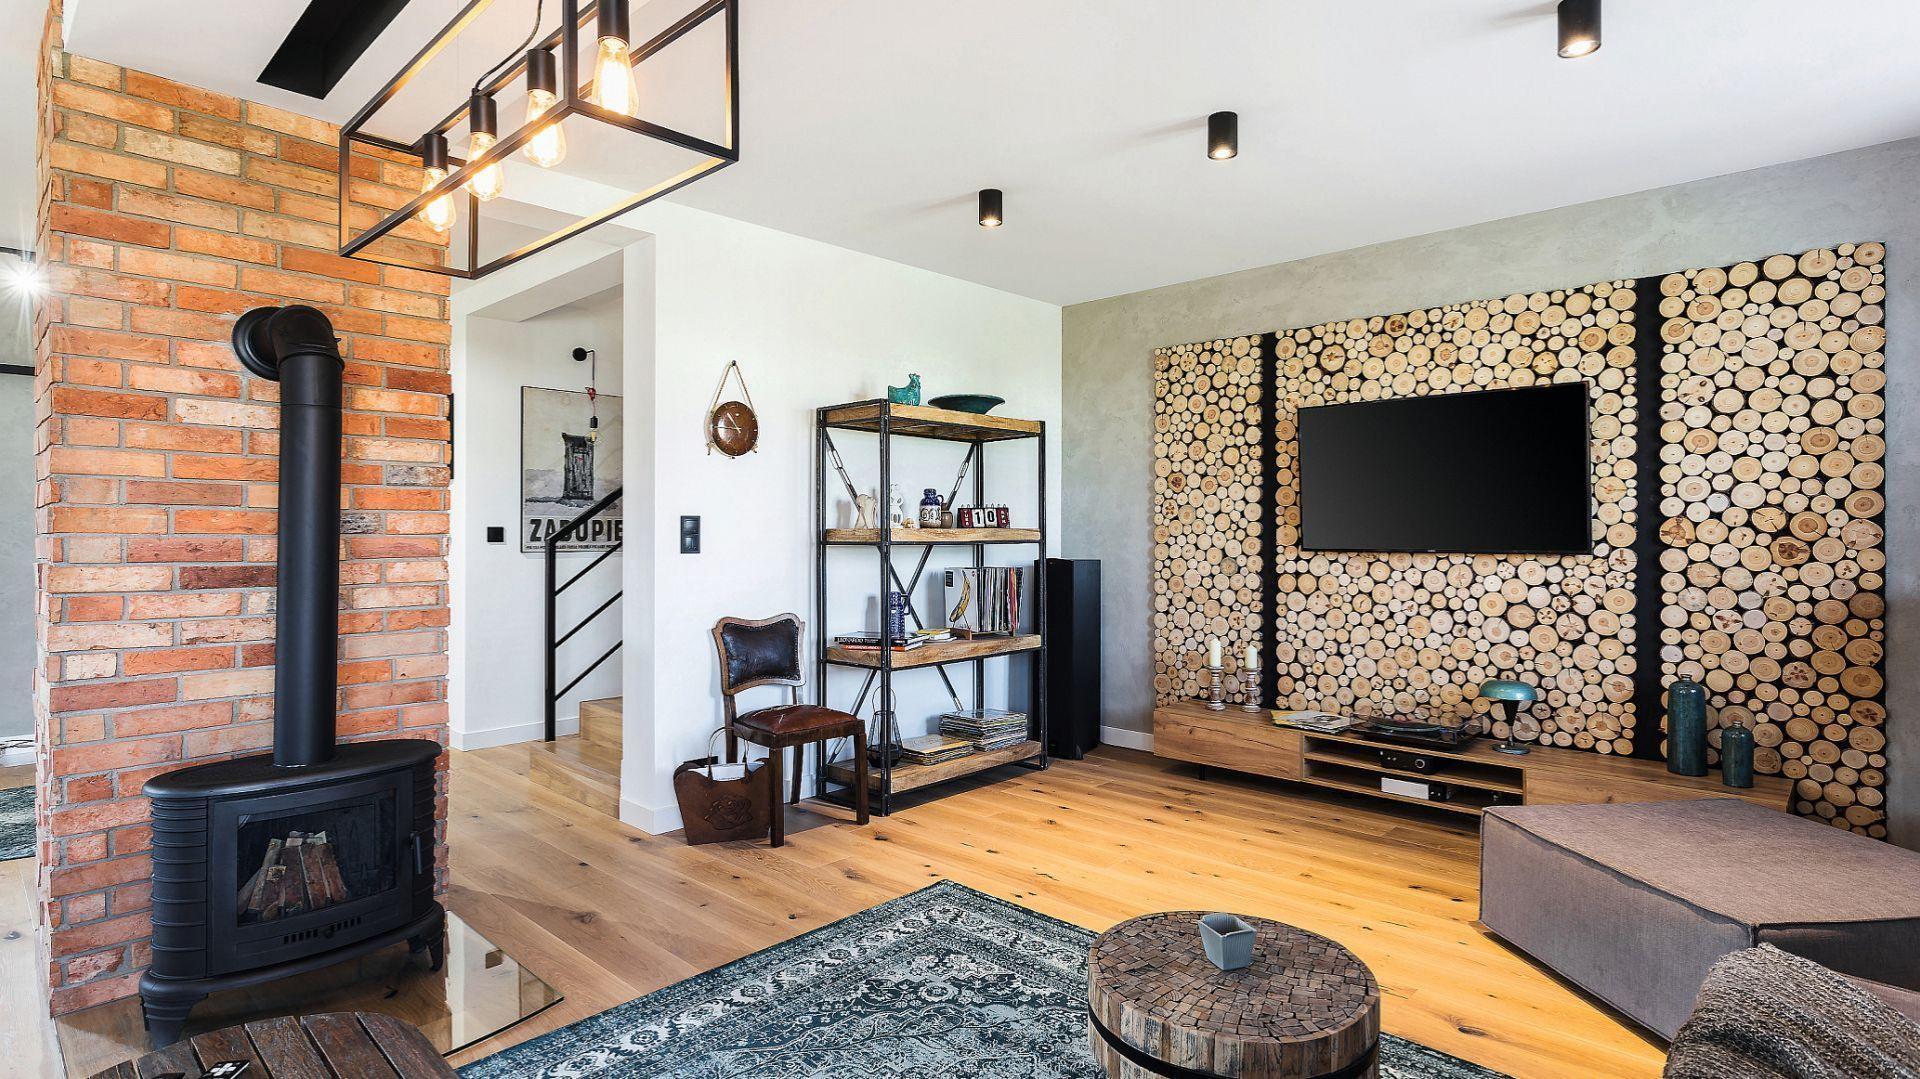 Ścianę za telewizorem zdobi dekoracyjne drewno. Projekt: Agnieszka Hincz. Fot. Michał Młynarczyk